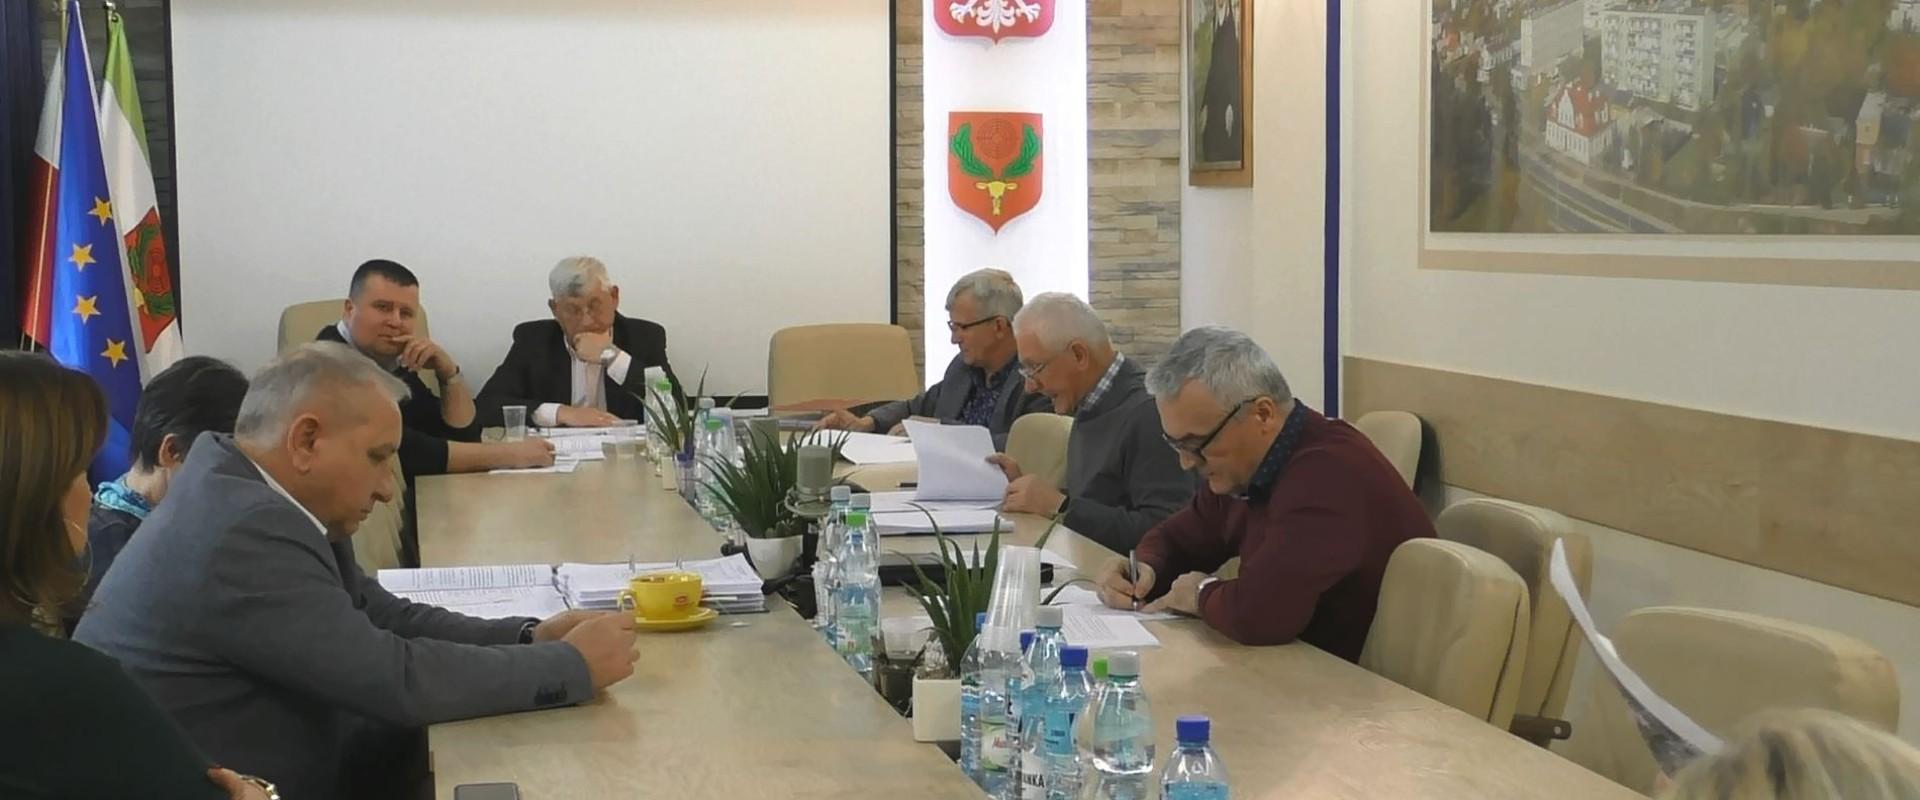 Radni proponują: ulica na kredyt, z płac na oczyszczanie miasta i projekt rozbudowy ul. Targowej